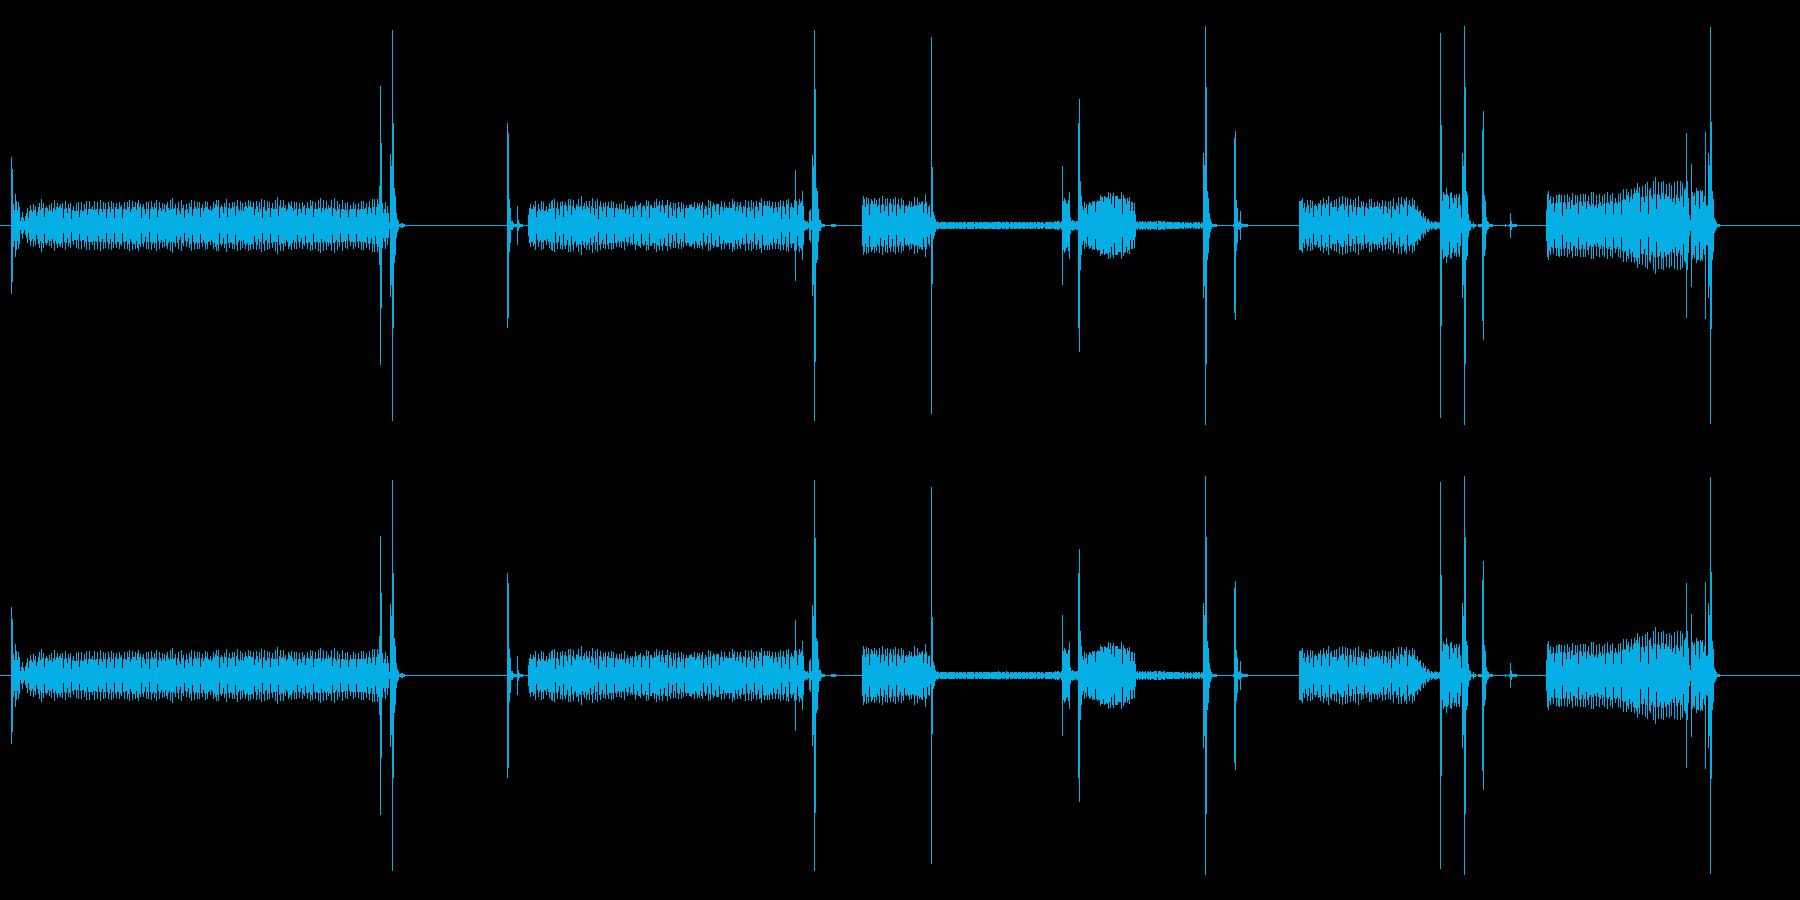 【生録音】ジーー、ブツッ、ジーーの再生済みの波形